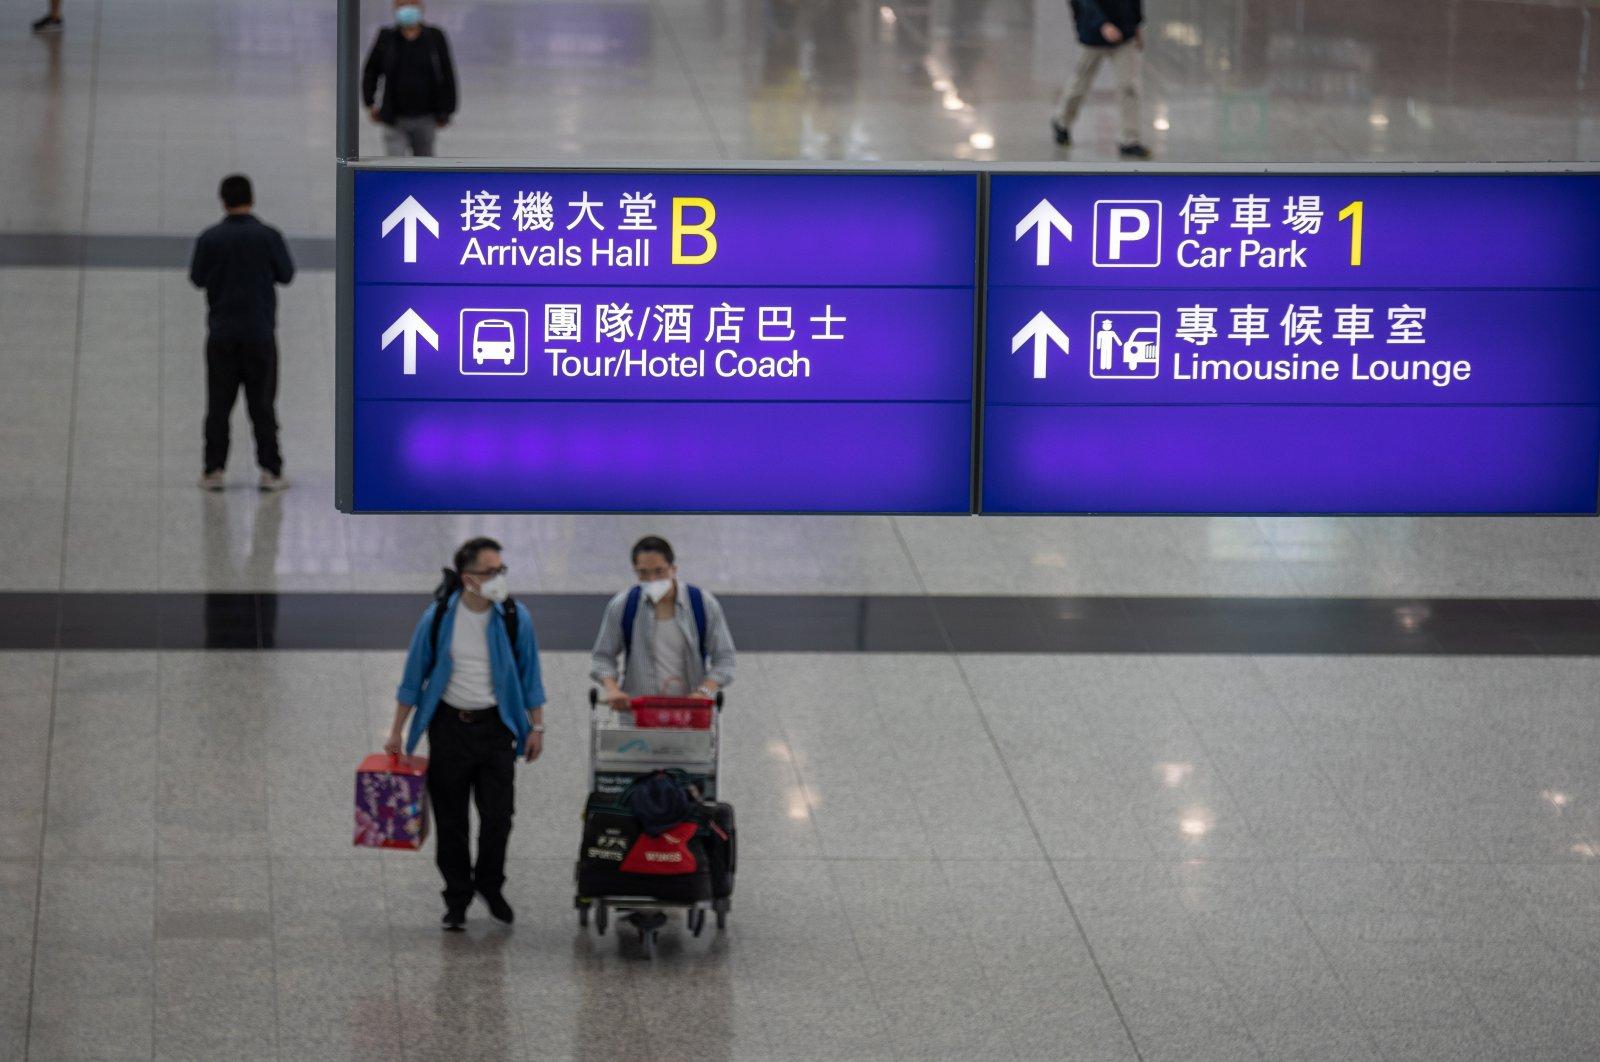 Passengers walk in the arrival hall at Hong Kong International Airport in Hong Kong, China, April 20, 2021. (EPA Photo)